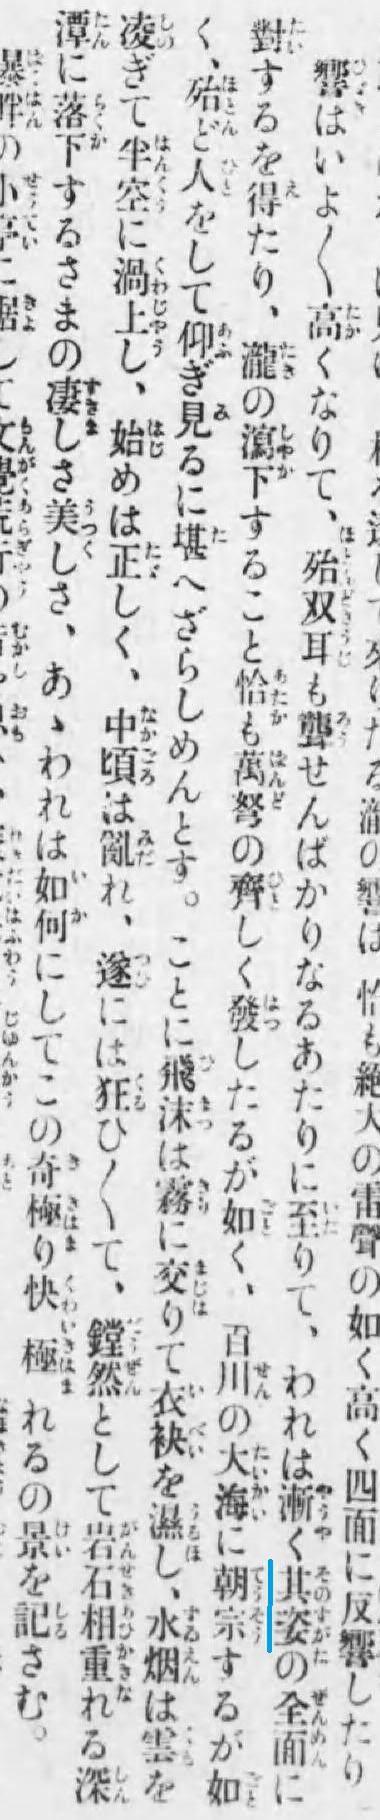 29-1文章題A-1